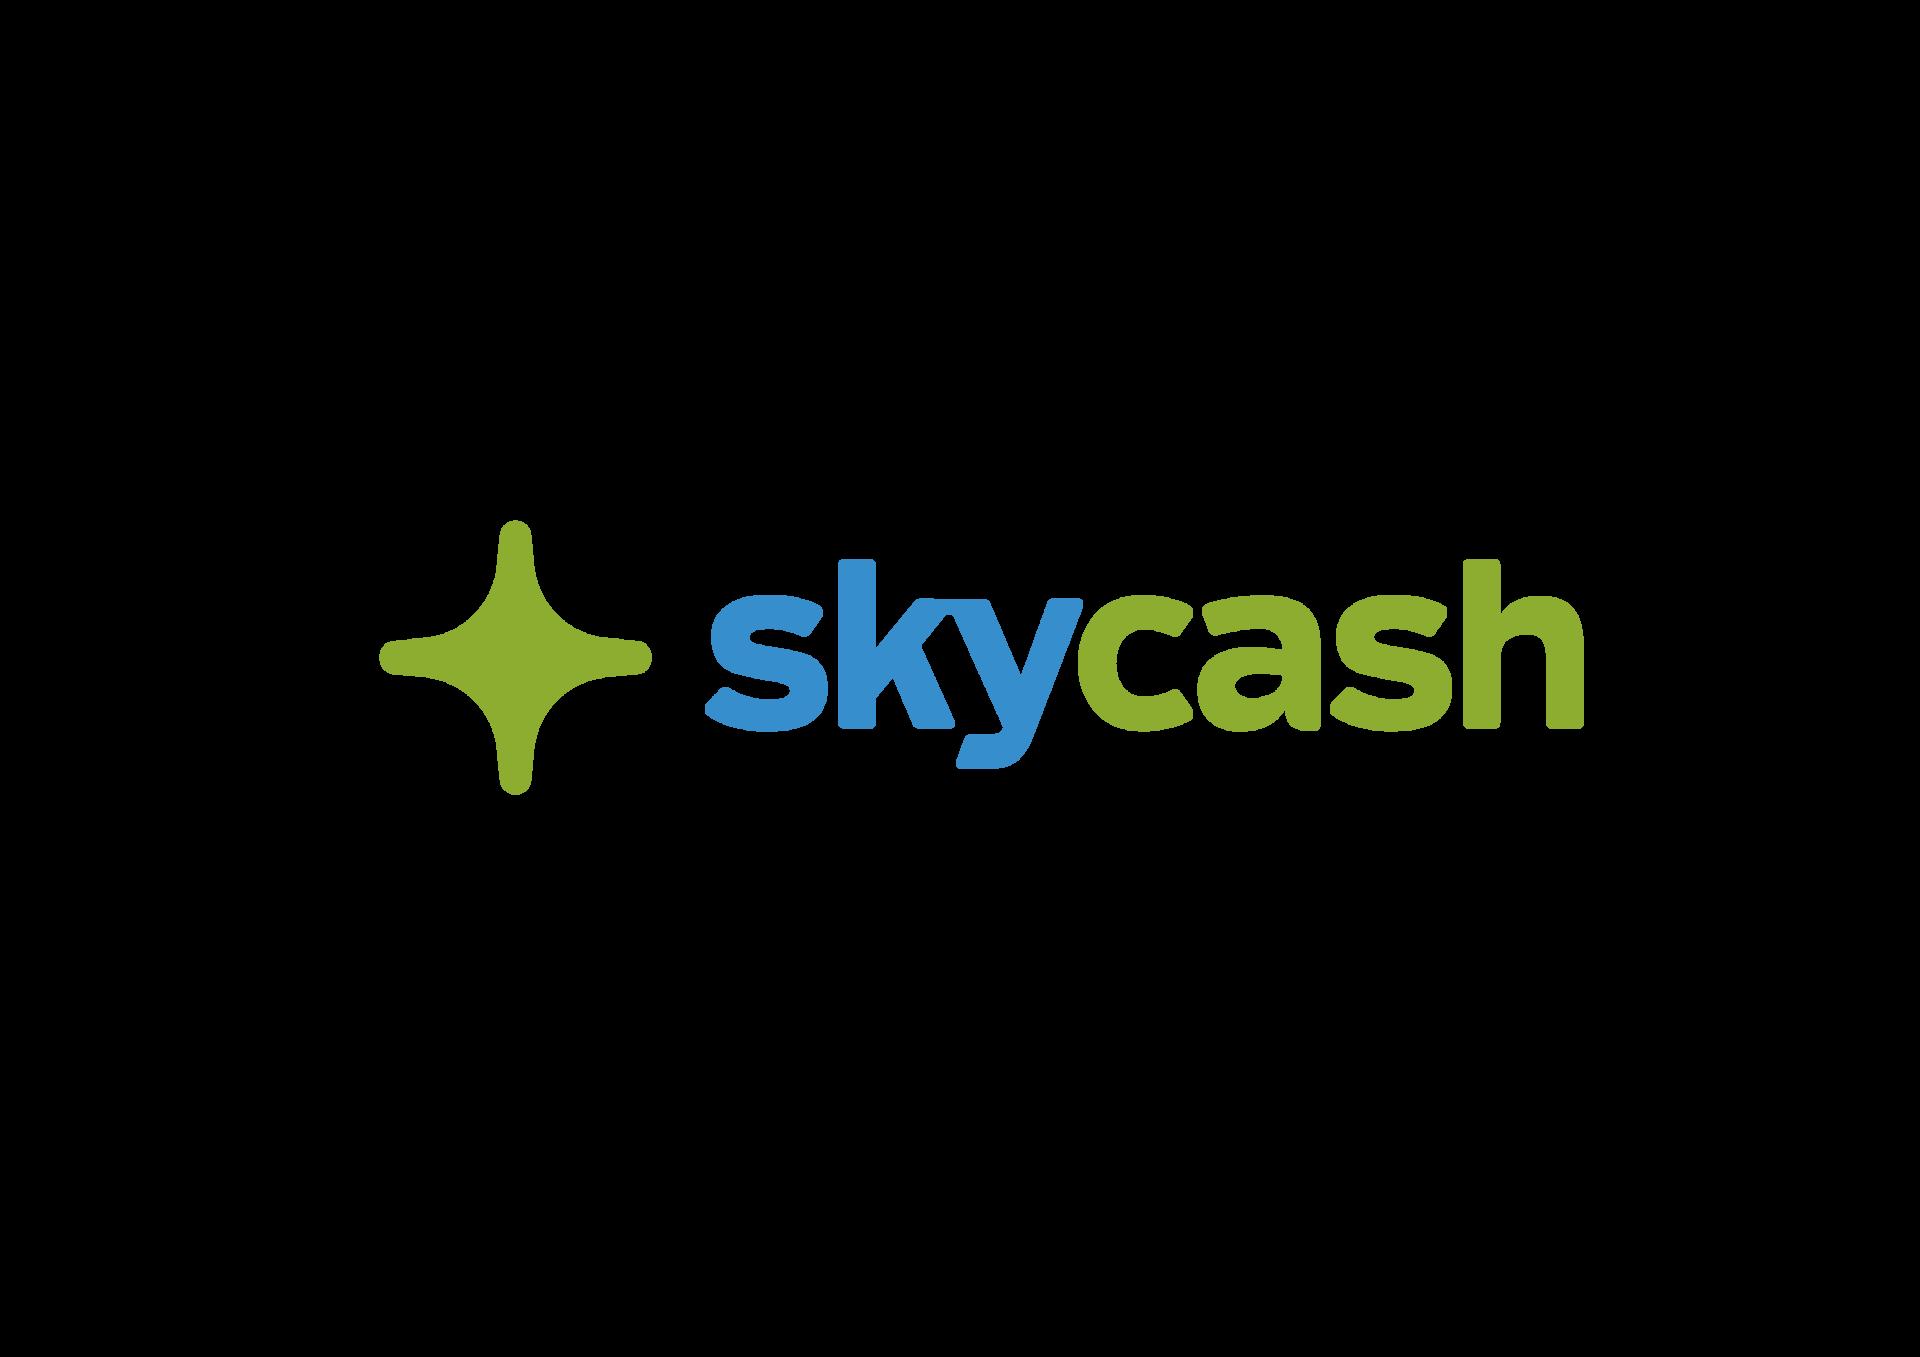 SkyCash dołącza do elitarnego grona schematów płatniczych